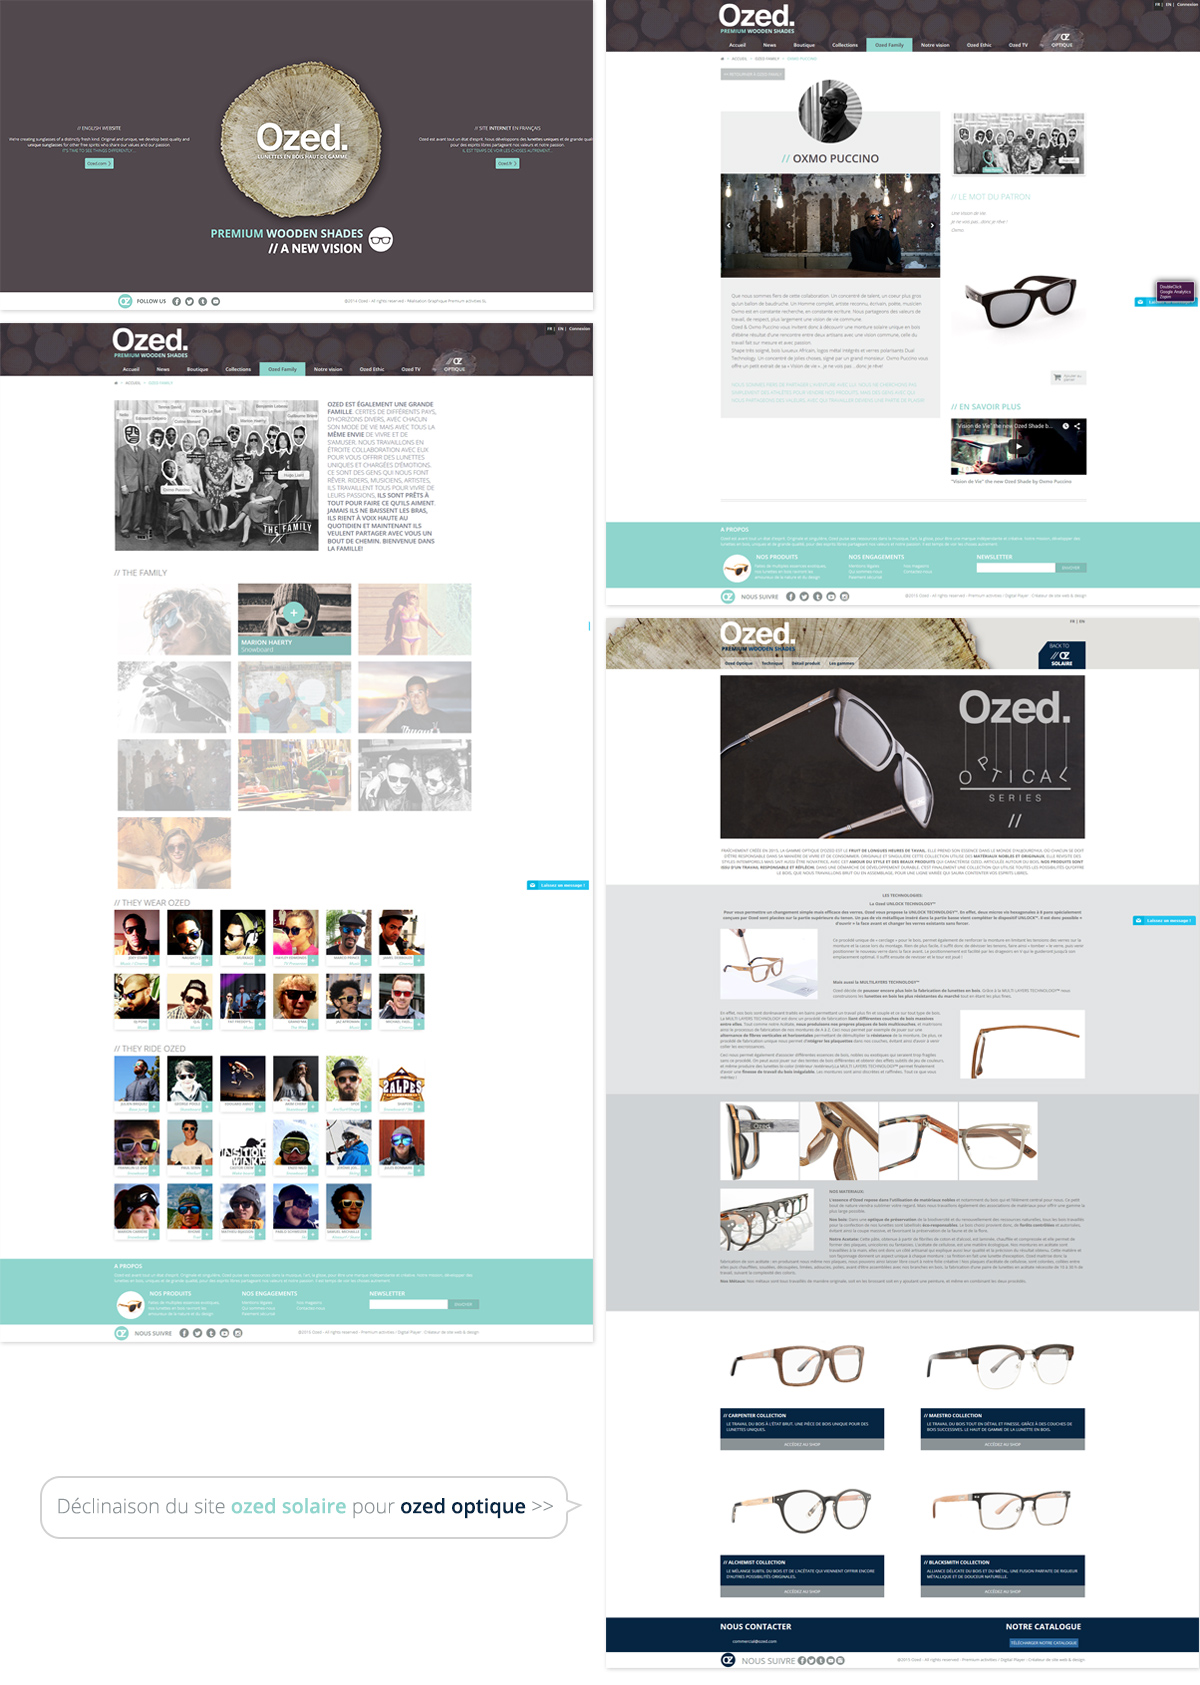 webdesign ozed.com